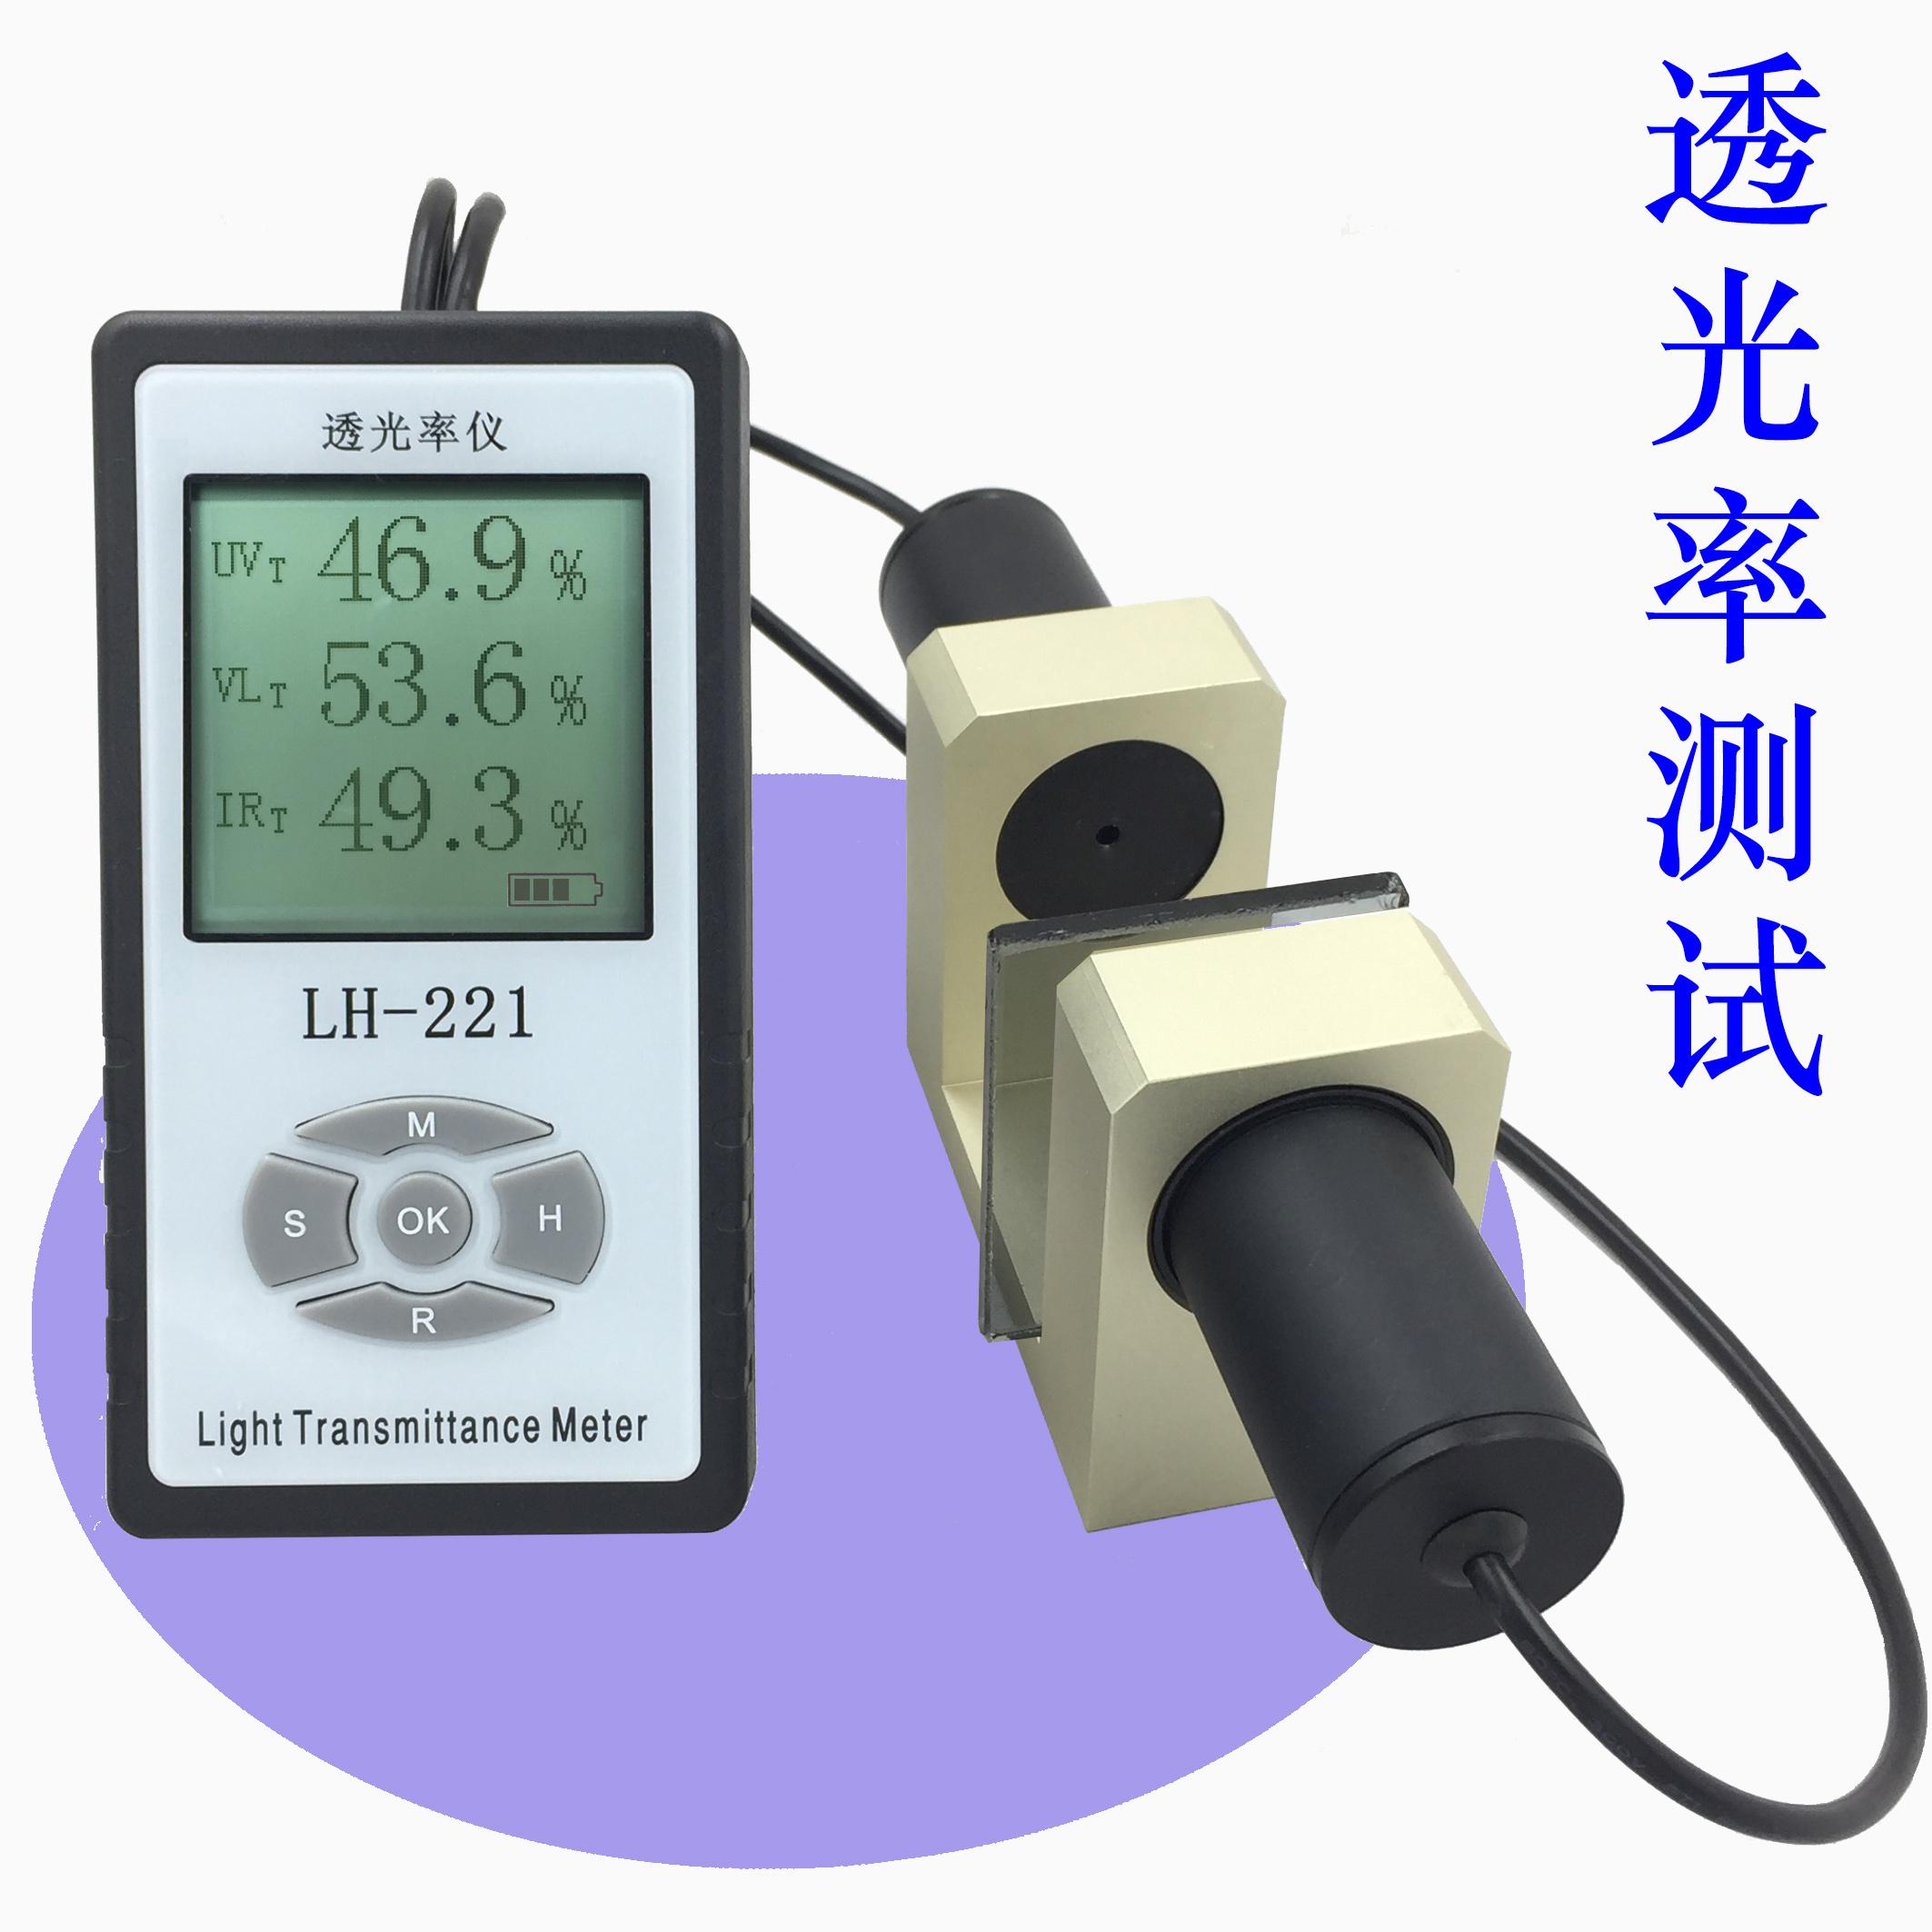 LH-221三波段玻璃透光率计太阳膜测试仪透光率仪84225315